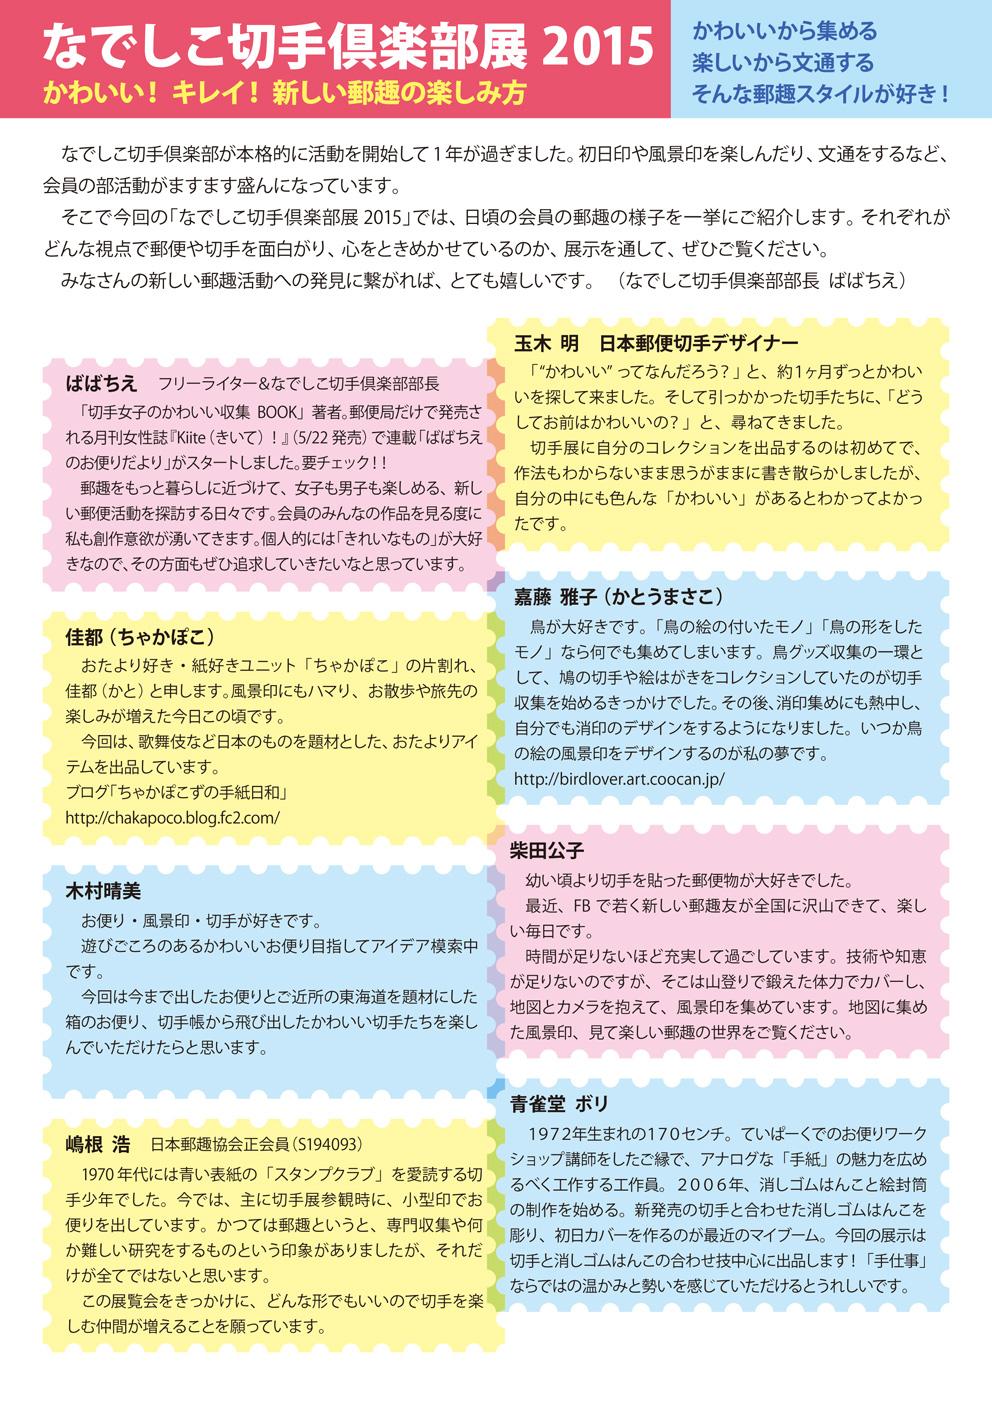 なでしこ切手倶楽部展2015 パンフレット P1